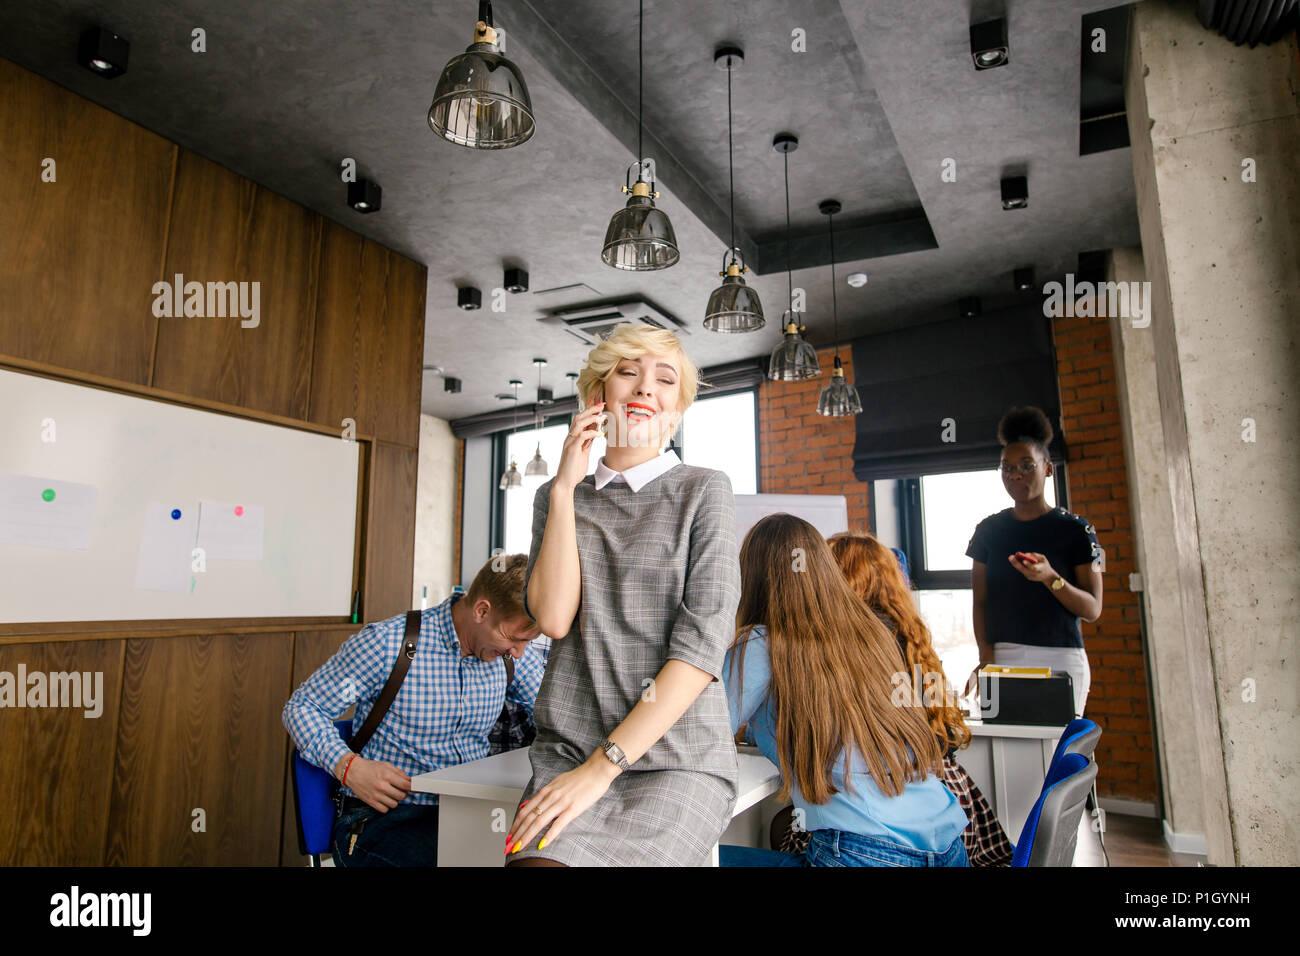 Concept de liens benefitial. Jeune blonde est communion avec ses collègues Photo Stock